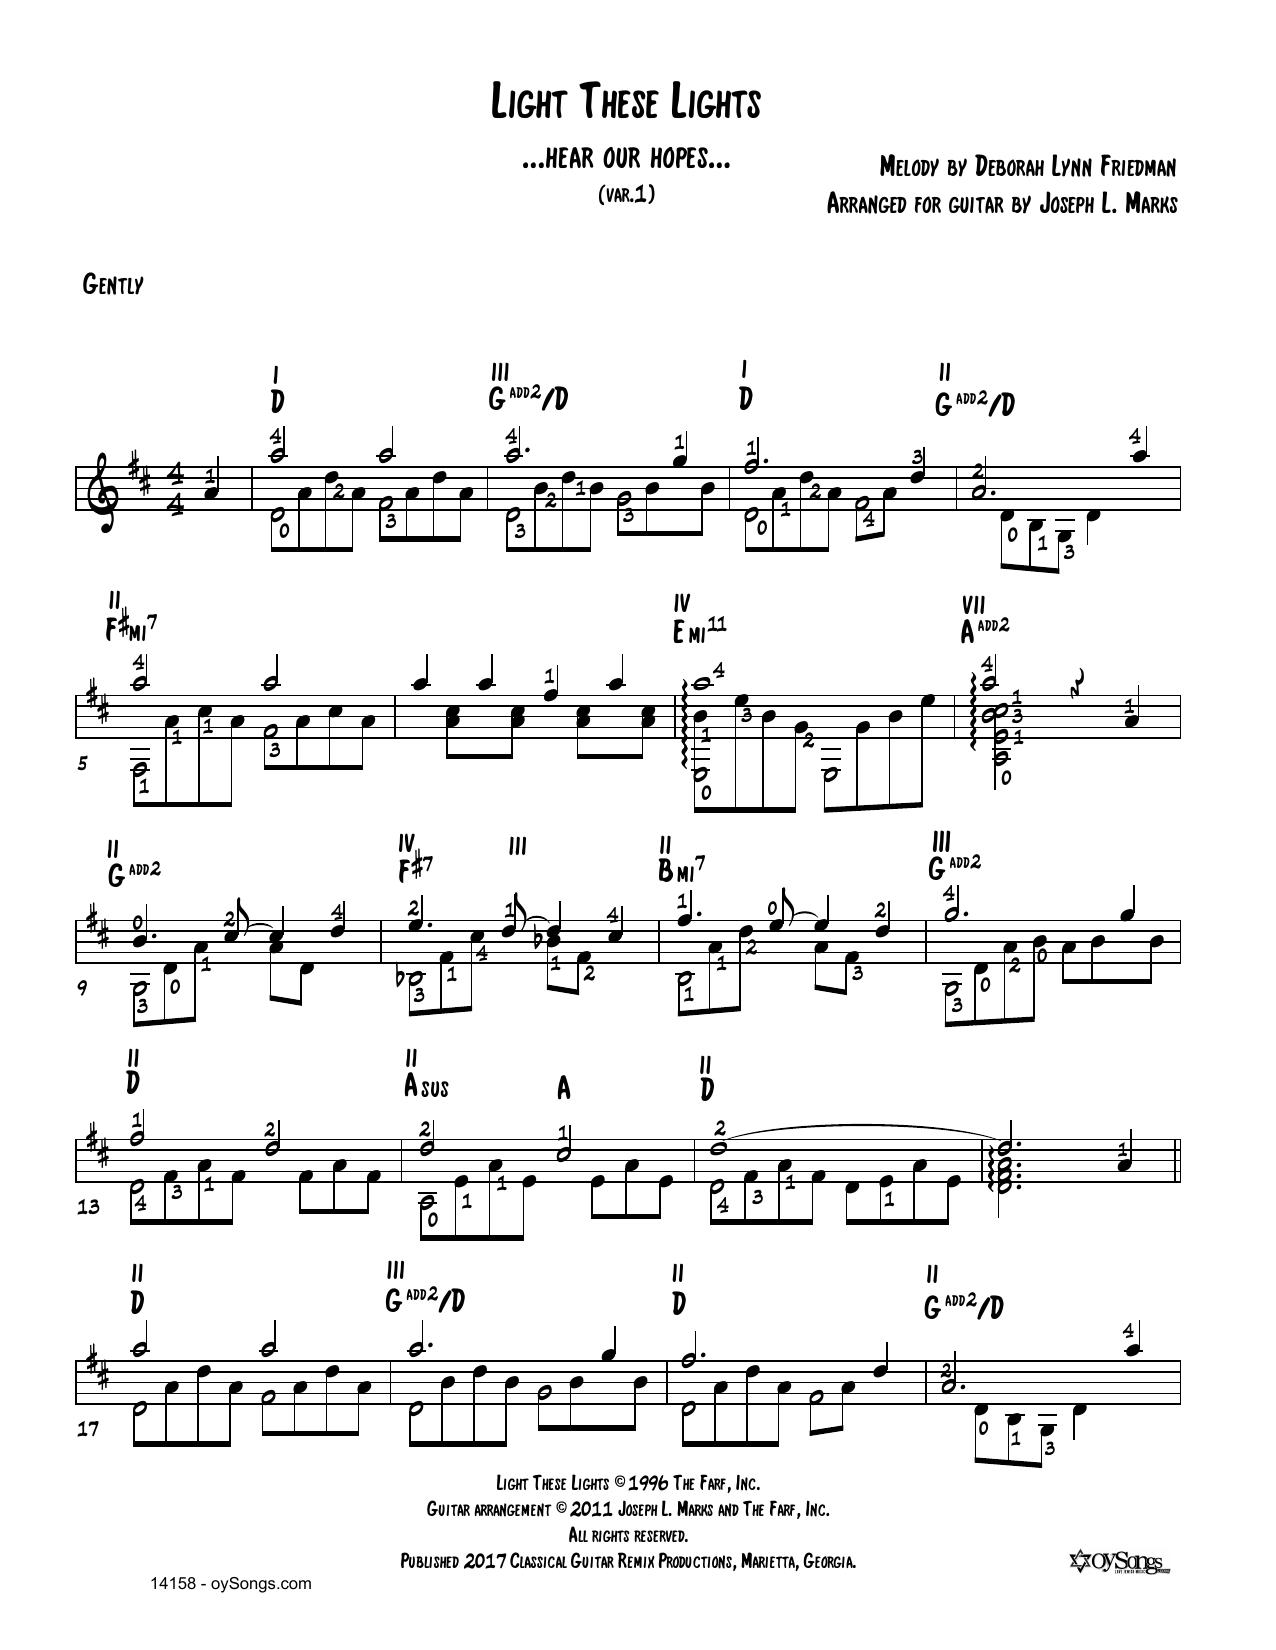 Debbie Friedman Light These Lights Var 1 (arr. Joe Marks) sheet music notes and chords. Download Printable PDF.